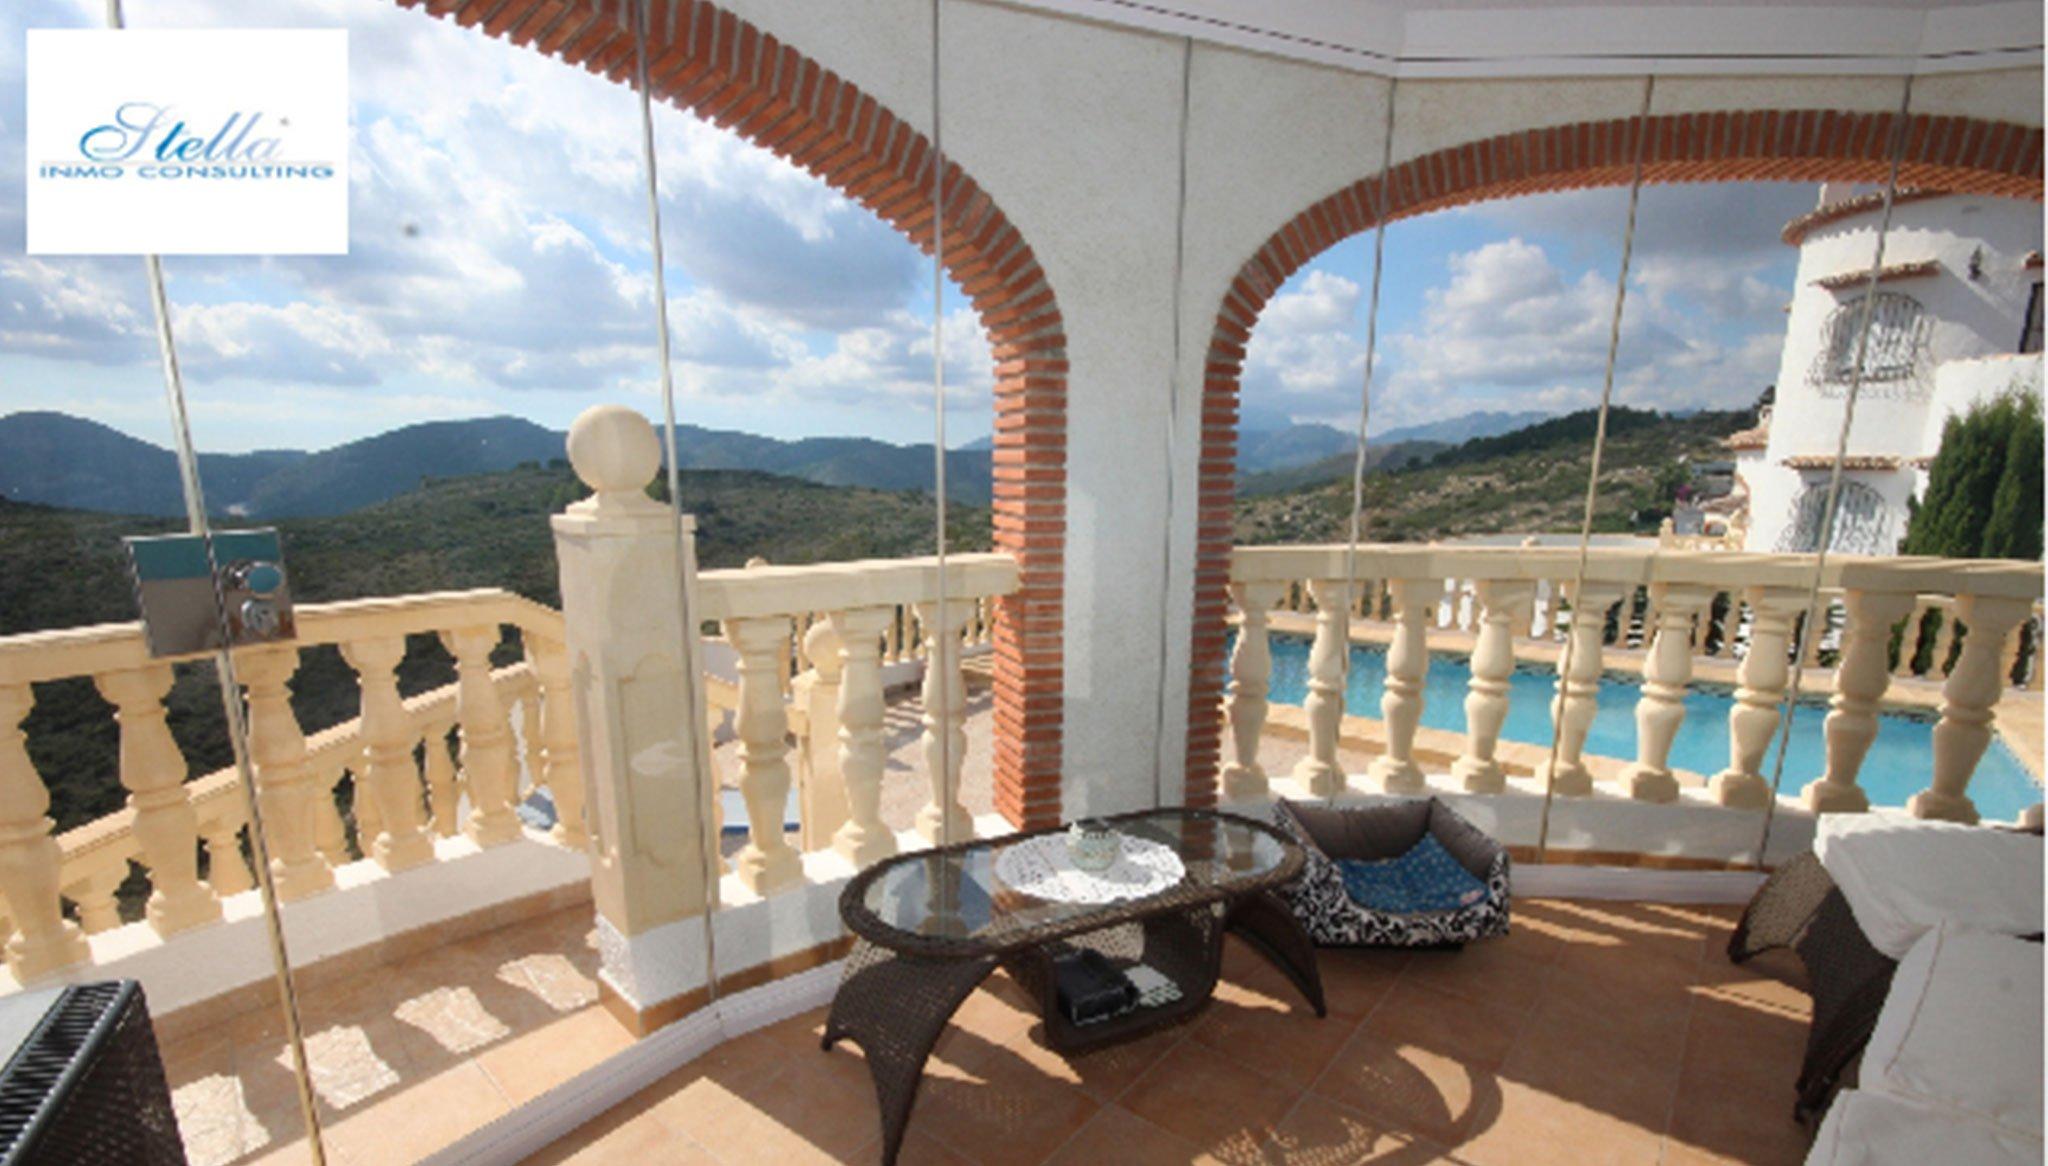 Punto di vista in villa in vendita a Monte Pedreguer - Stella Inmo Consulting